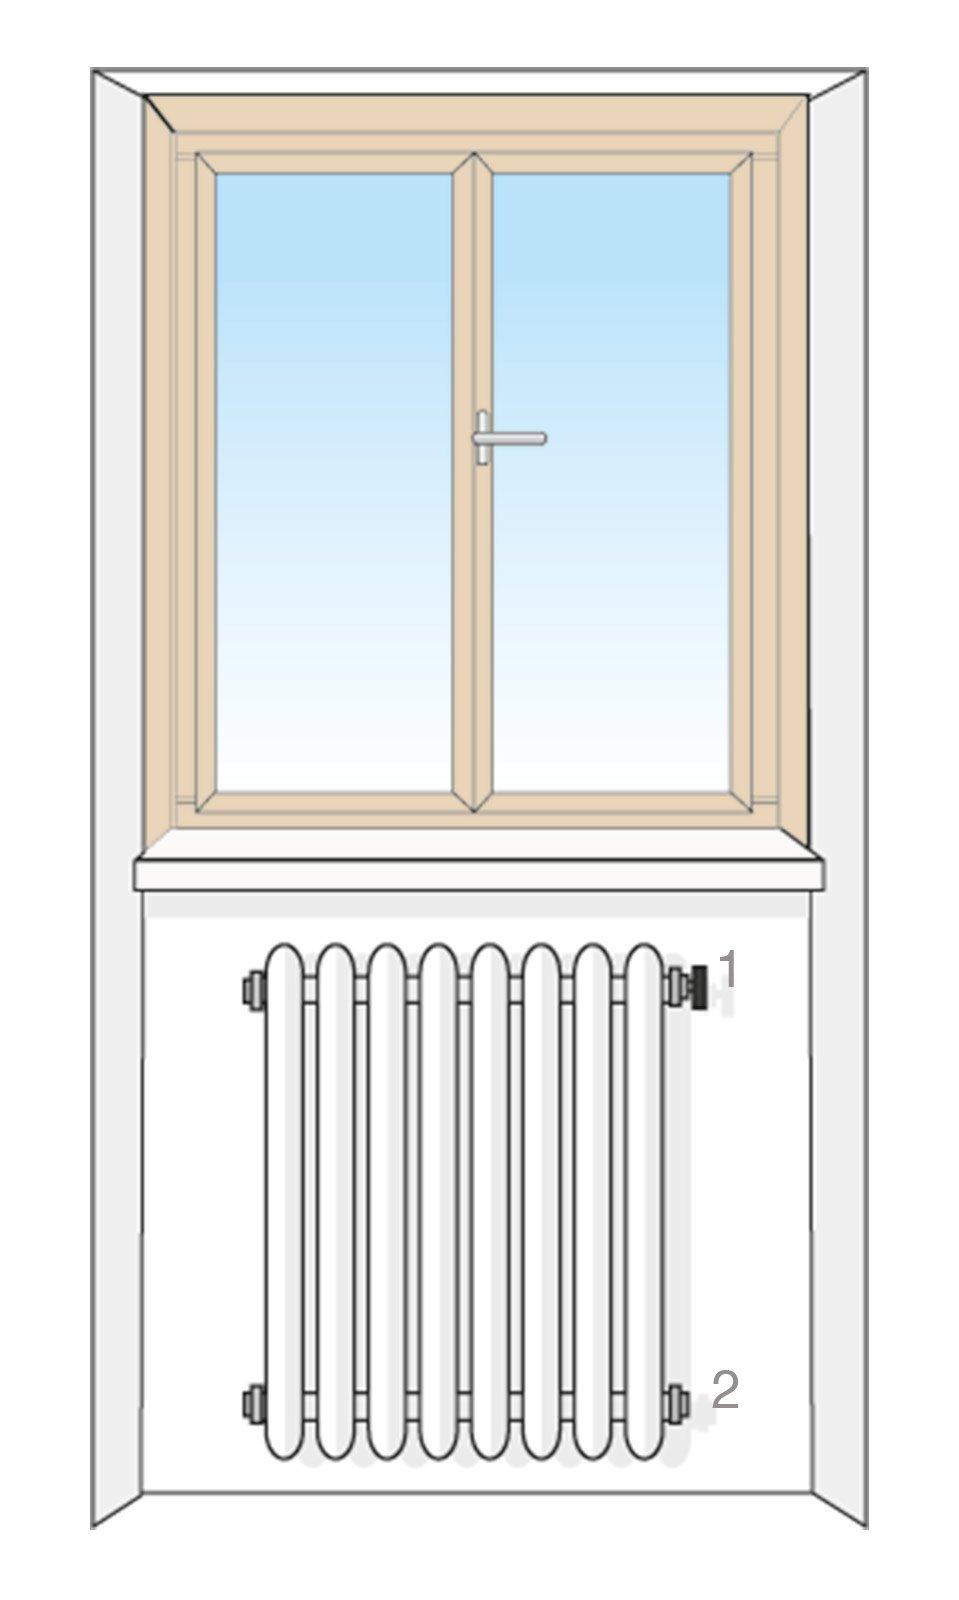 Valvole termostatiche per risparmiare sui consumi un for Tipi di materiali di raccordo casa